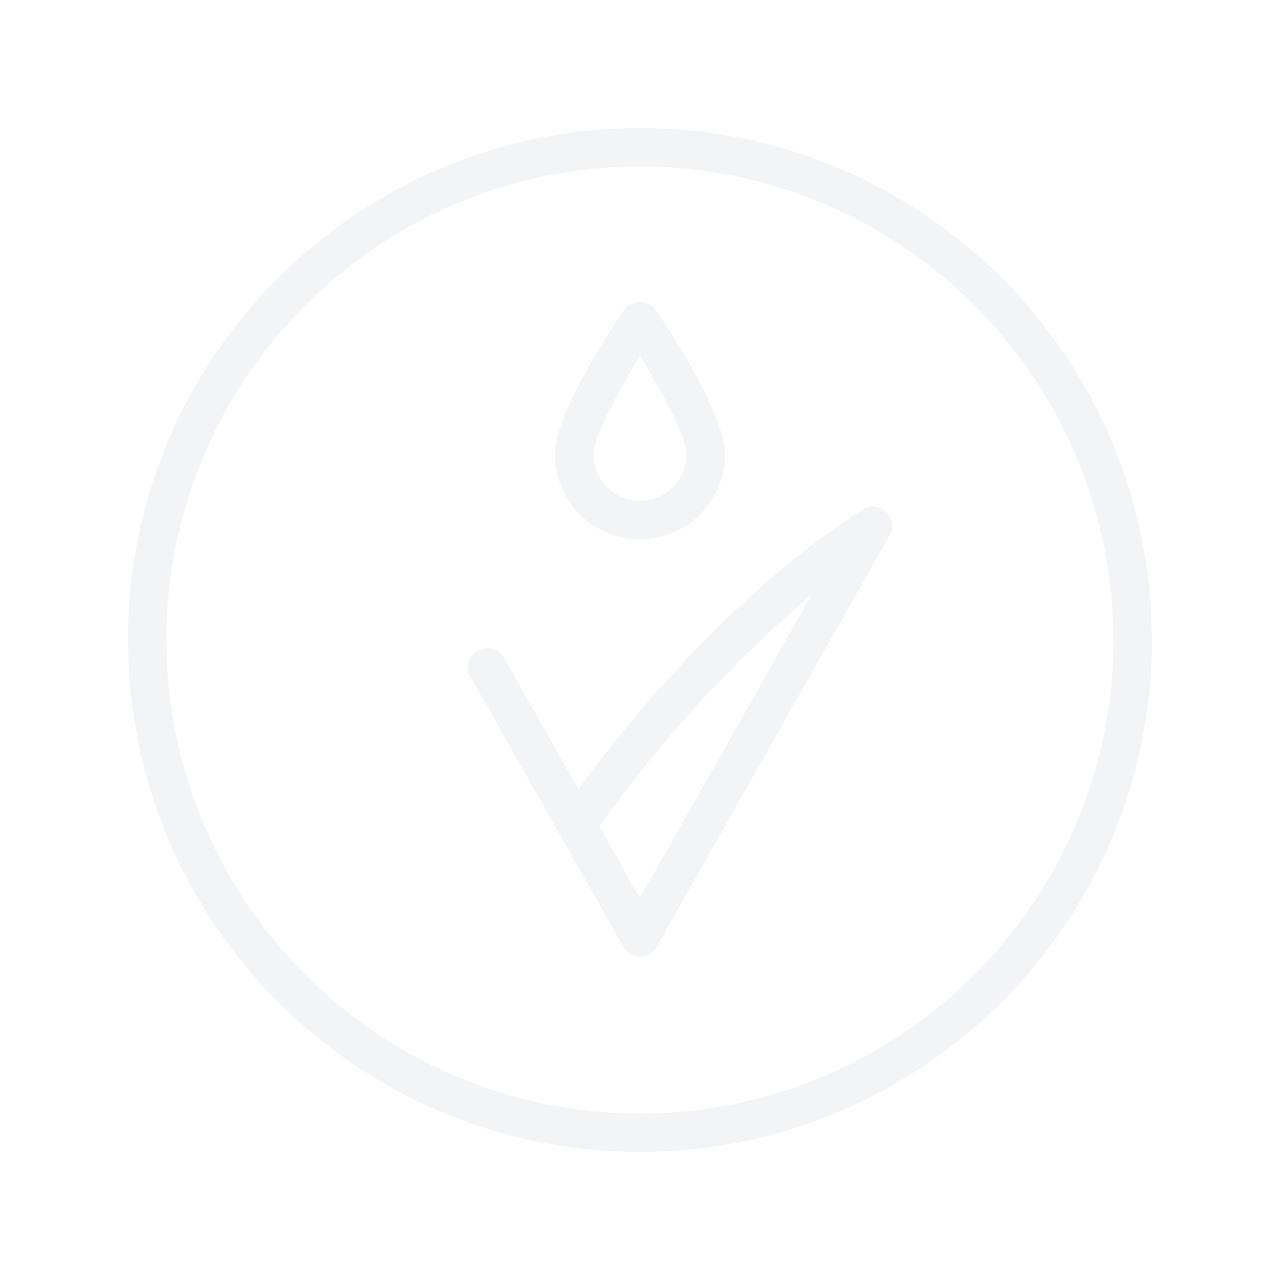 YVES SAINT LAURENT Forever Light Creator Cream Gel 50ml